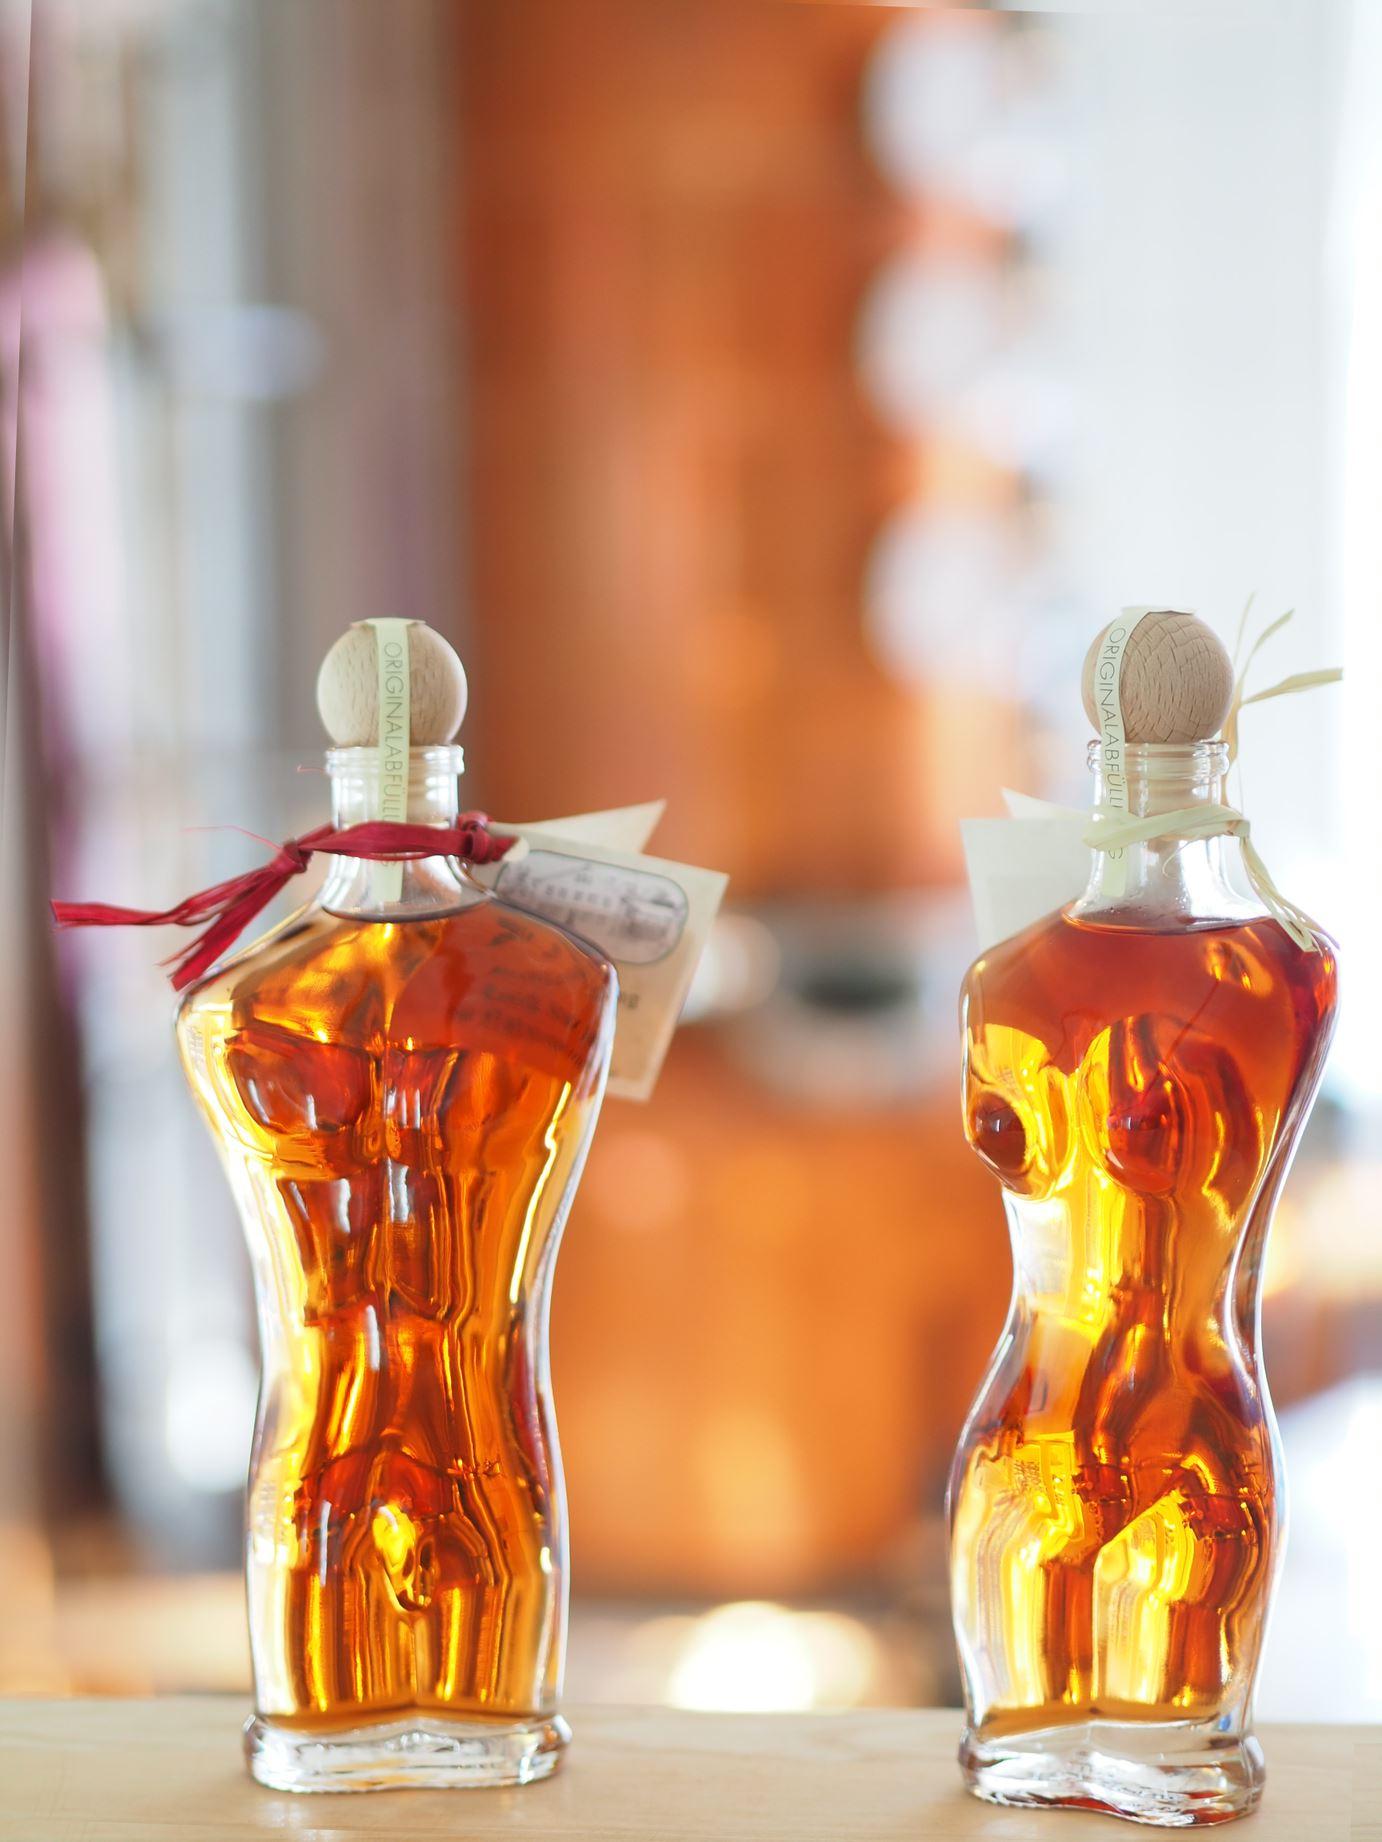 stuerhof-zwetschgenbrandy-02l-adam-eva-mit-zwetschgenwasser-zwetschgensaft